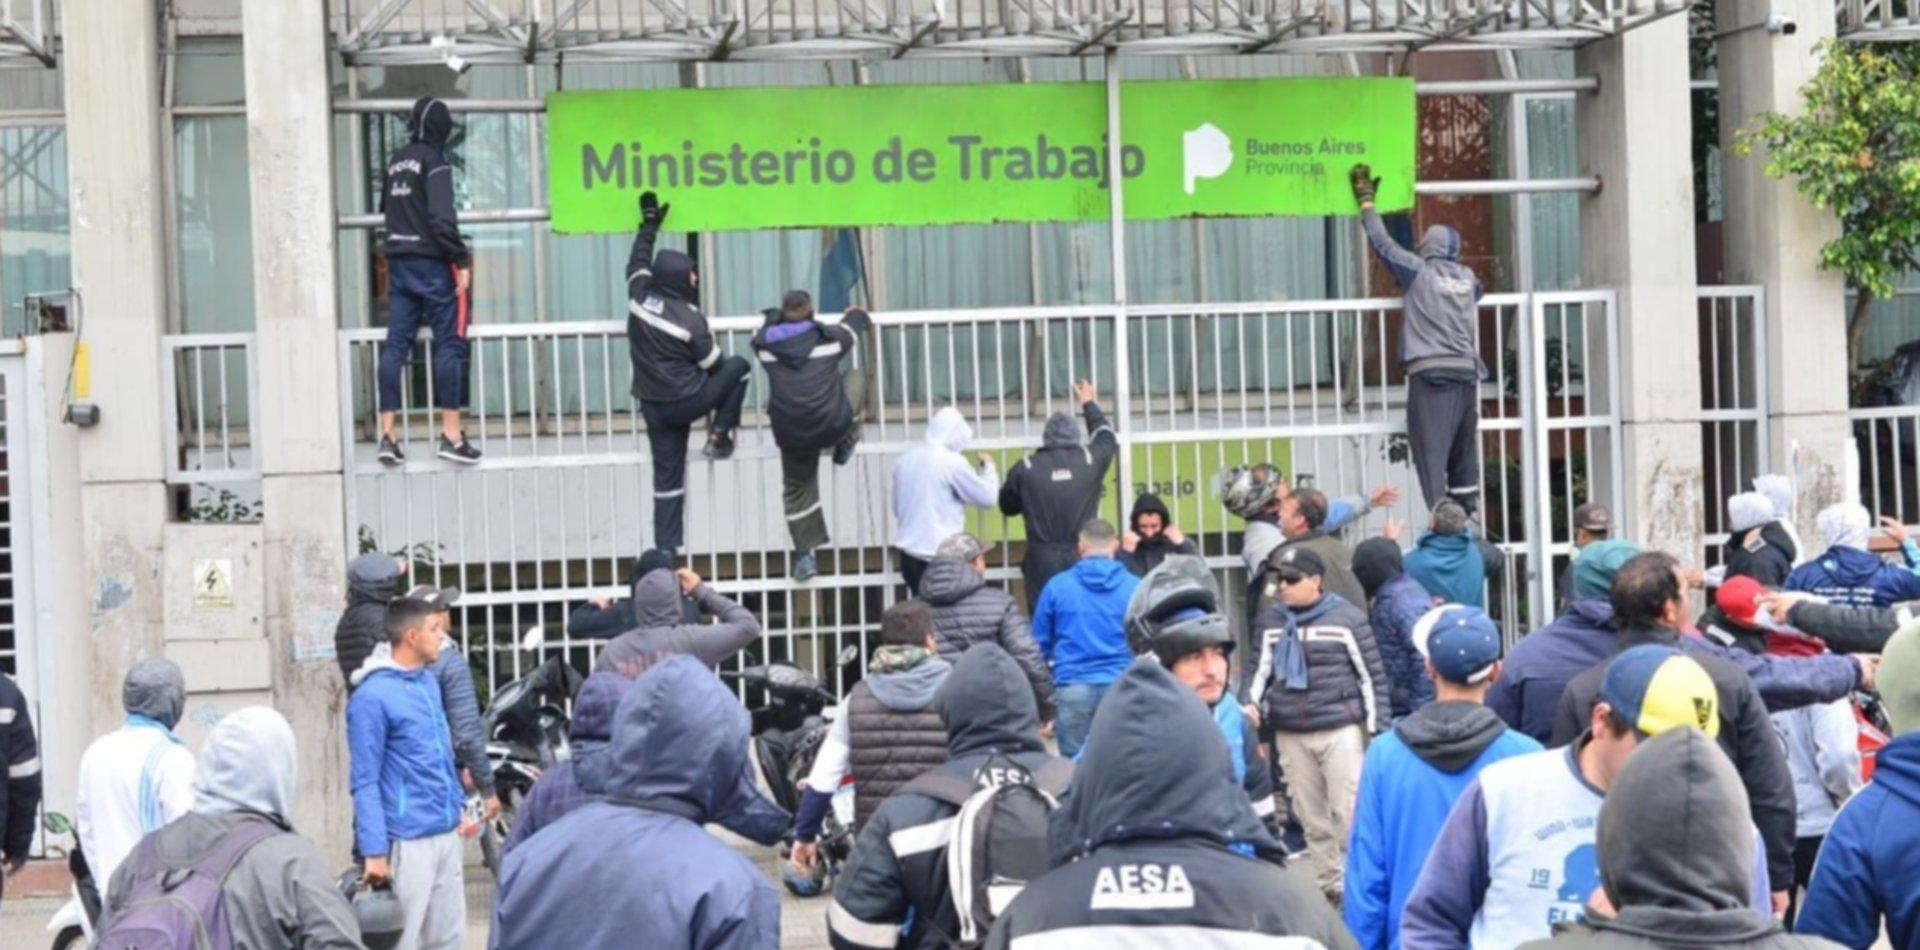 Tras los enfrentamientos, los trabajadores de la UOCRA protestaron en La Plata